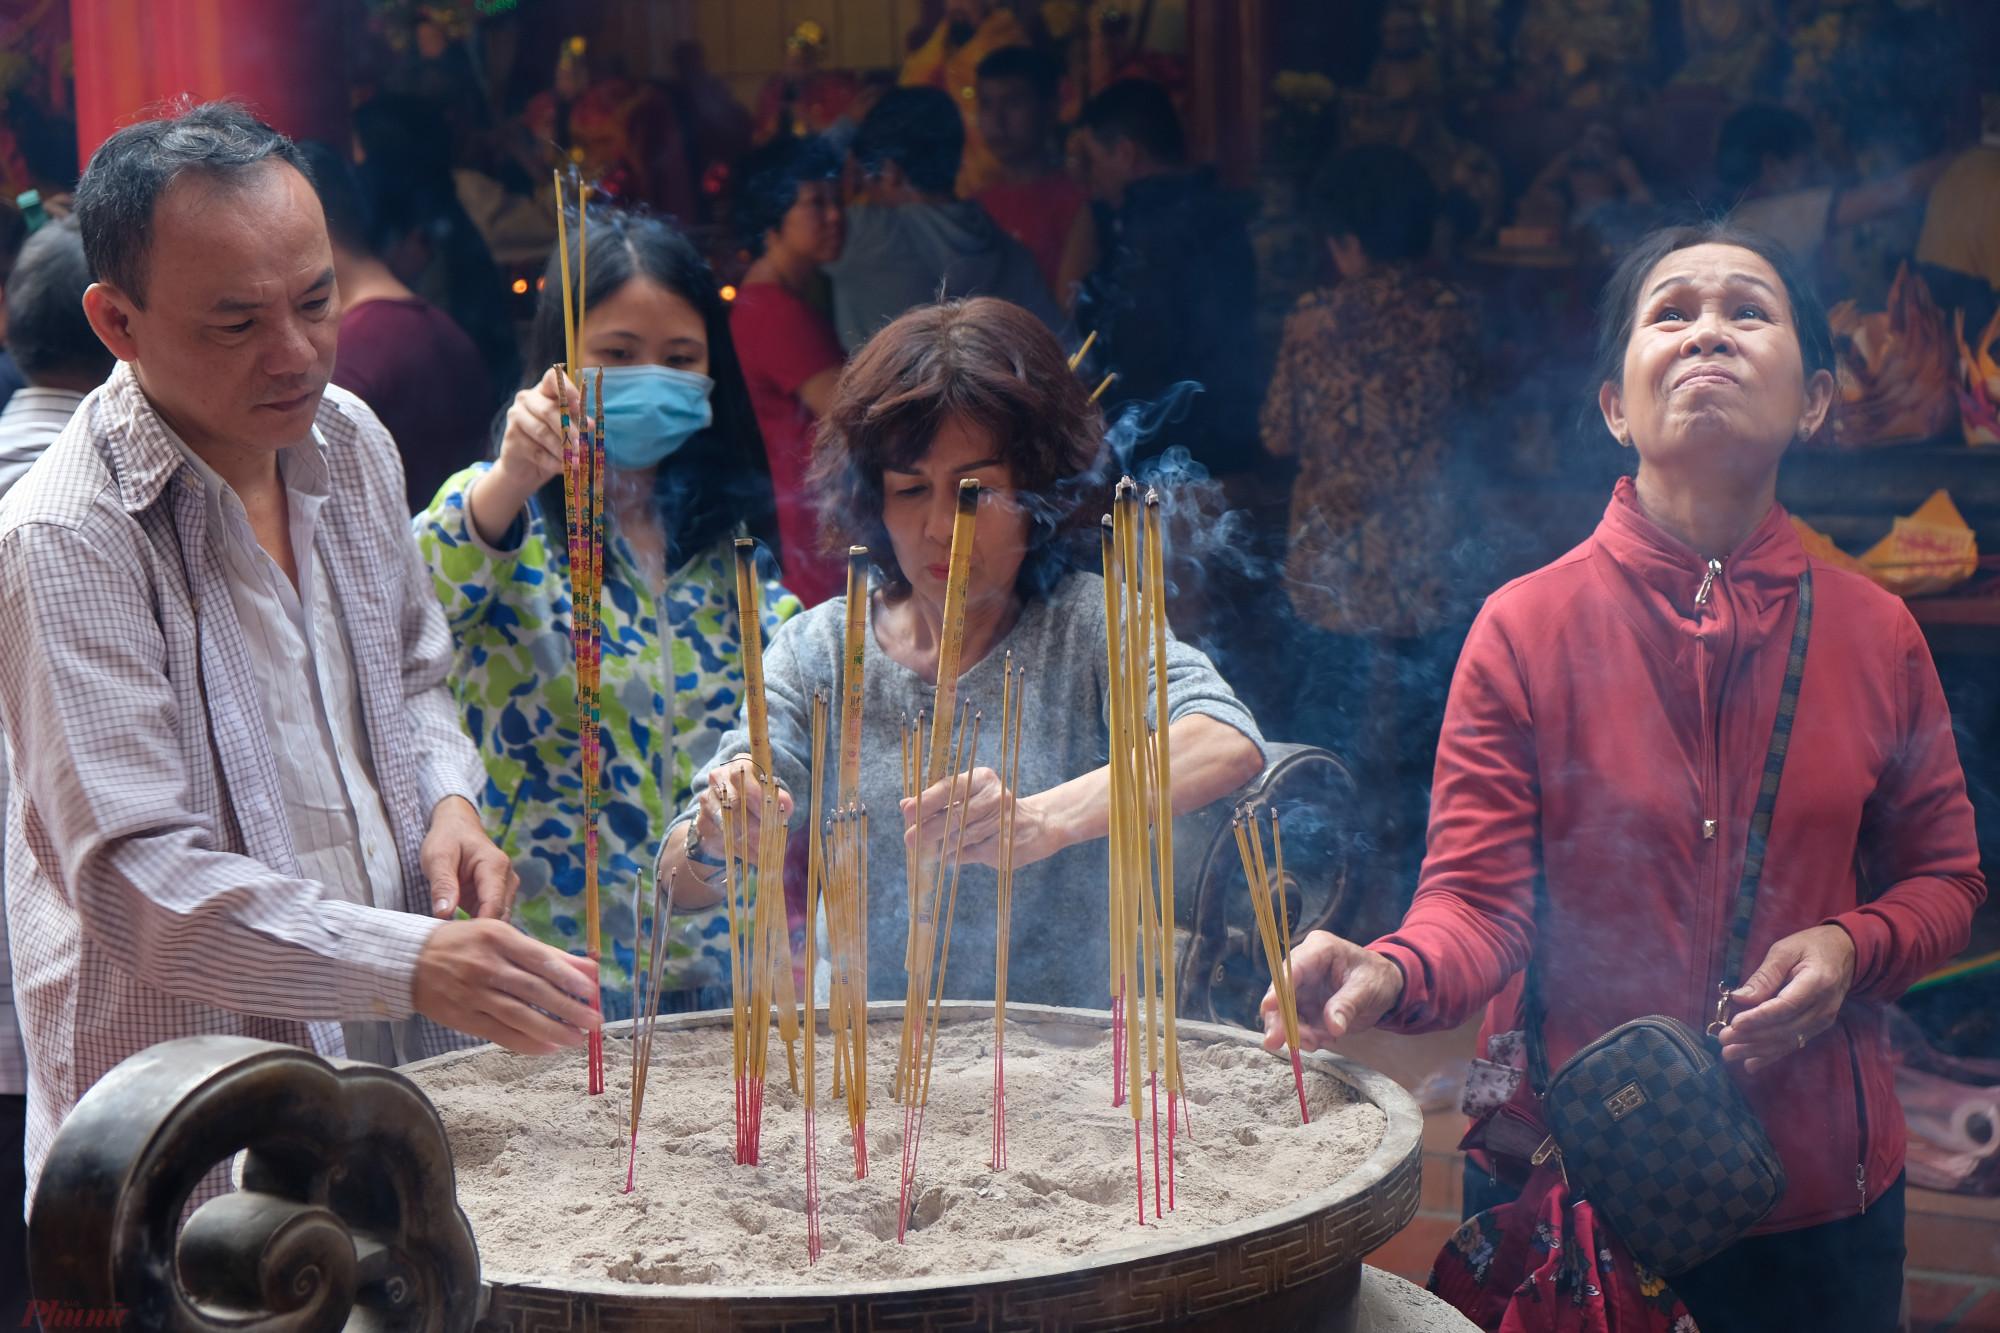 Vào dịp Tết Nguyên tiêu, người Hoa thường đi chùa cầu an, cầu phúc - Ảnh: Đậu Dung